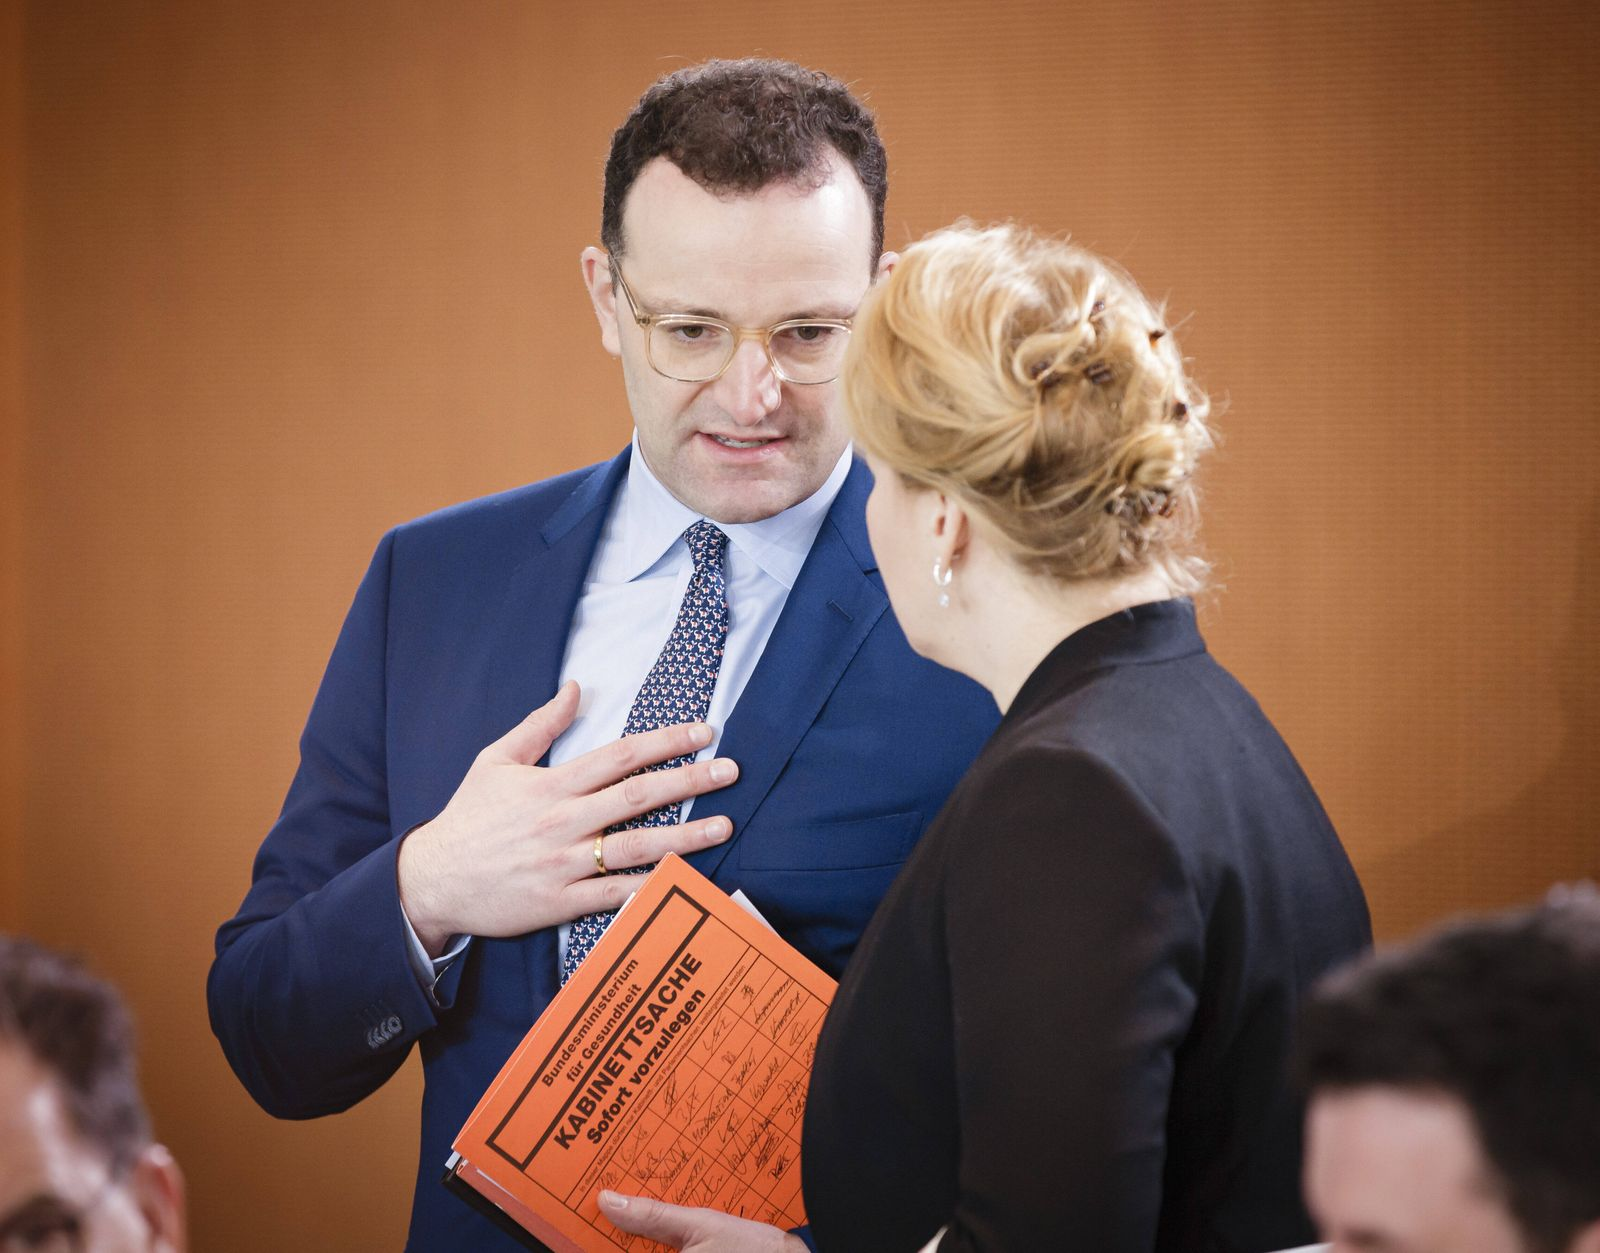 Bundesgesundheitsminister Jens Spahn, CDU und Bundesfamilienministerin Franziska Giffey, SPD, aufgenommen im Rahmen ein